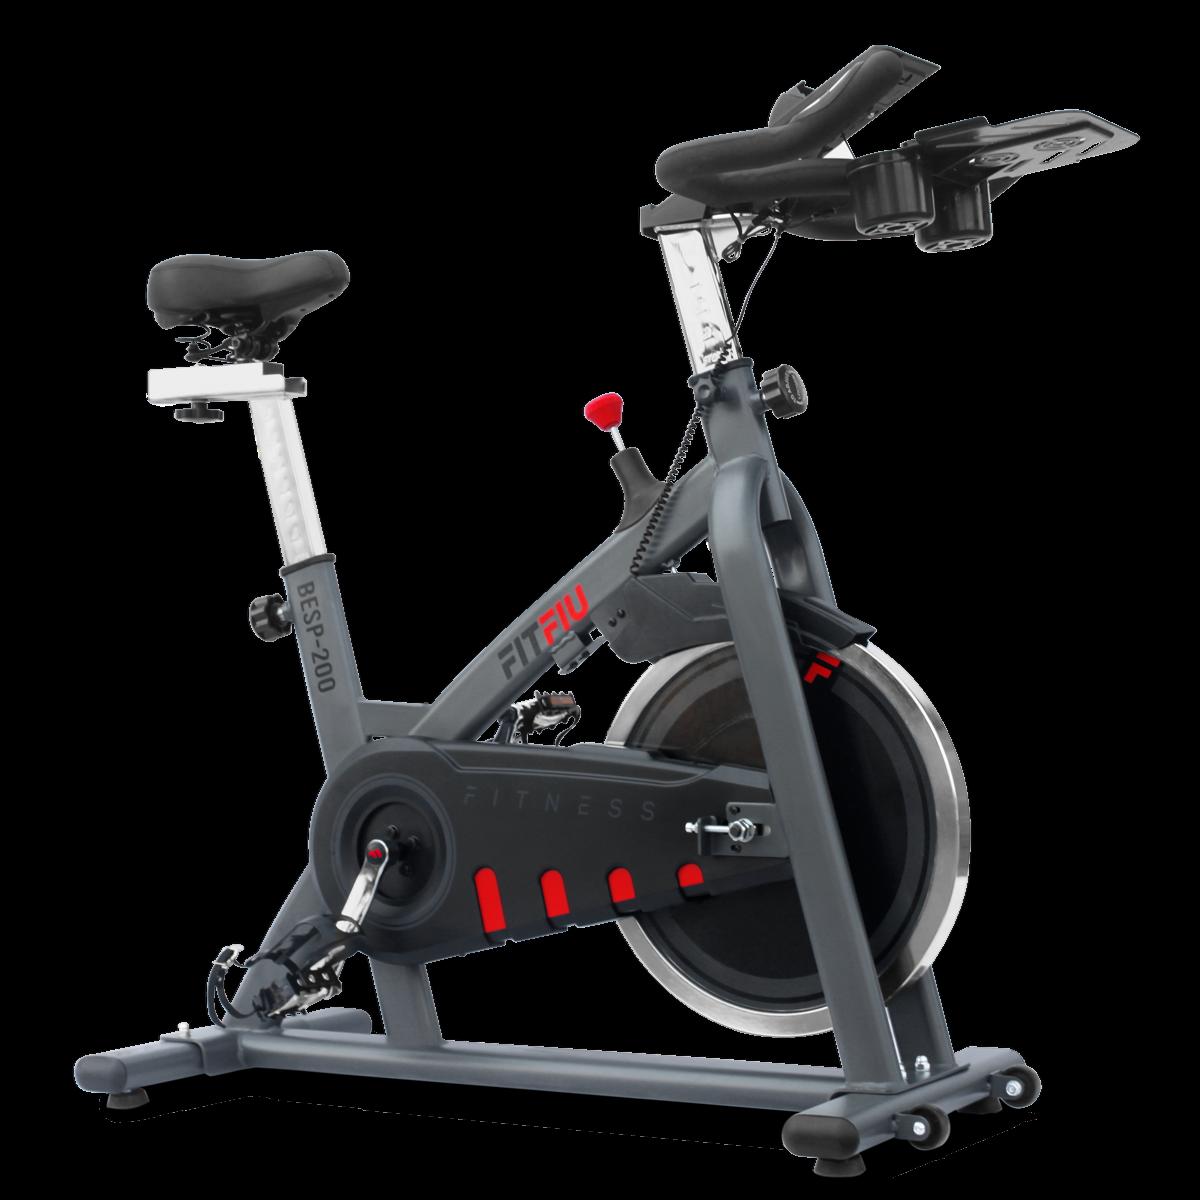 Bicicleta indoor FITFIU 18kg